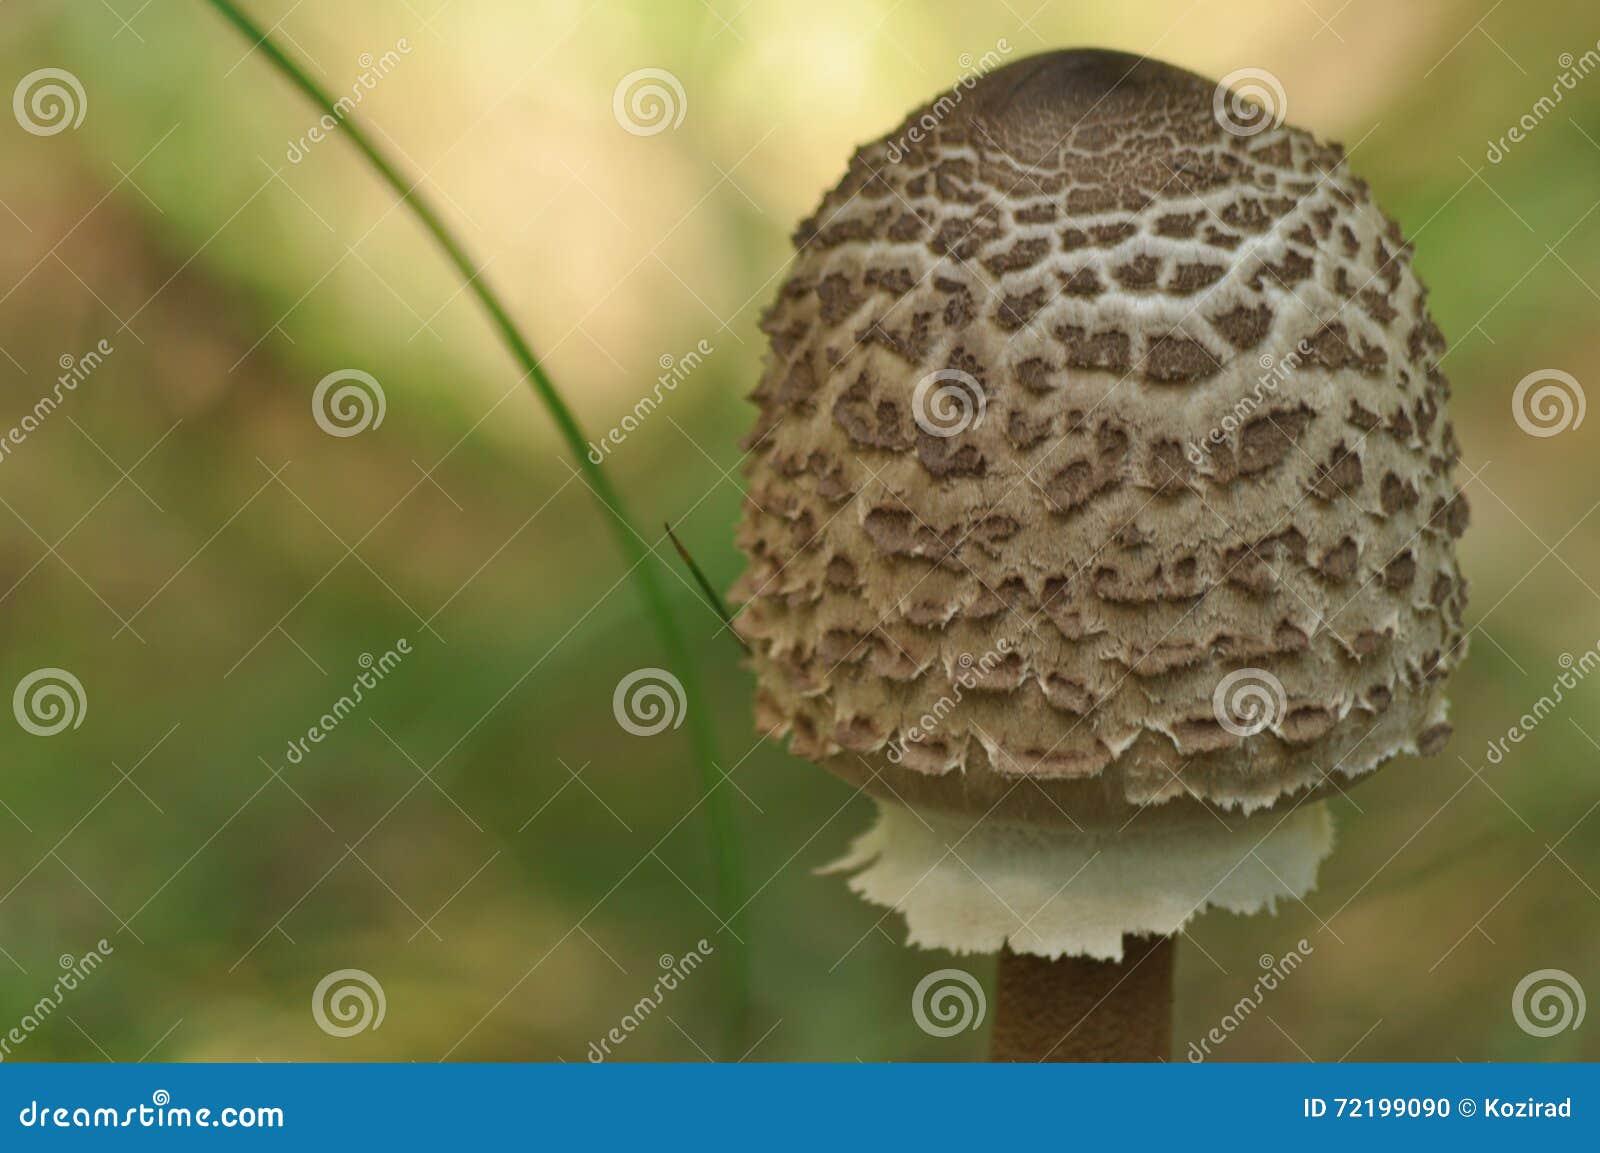 Funghi commestibili squisitezza L aggiunta ai piatti Autunno